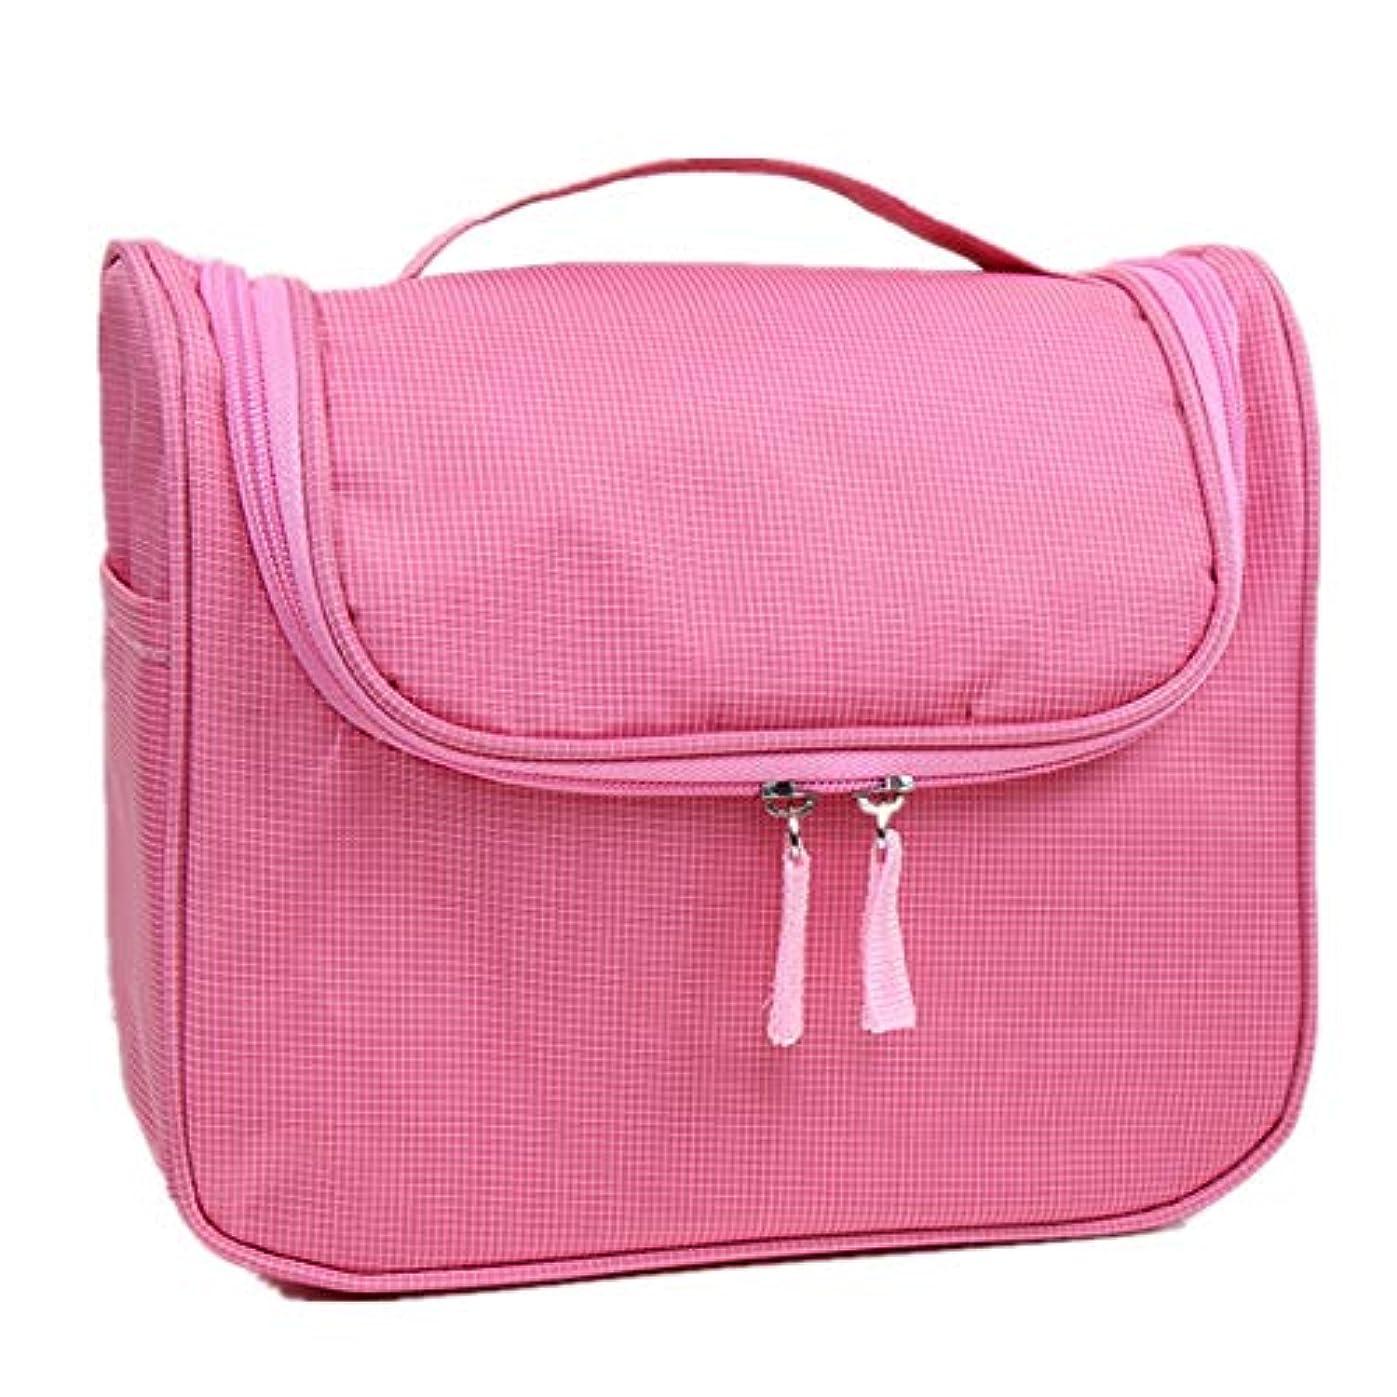 シェフ生きる幻想的化粧オーガナイザーバッグ 大容量の旅行化粧品バッグ丈夫で耐久性のある洗濯可能な化粧品保管コンセントレーションバッグウォッシュバッグ 化粧品ケース (色 : ピンク)